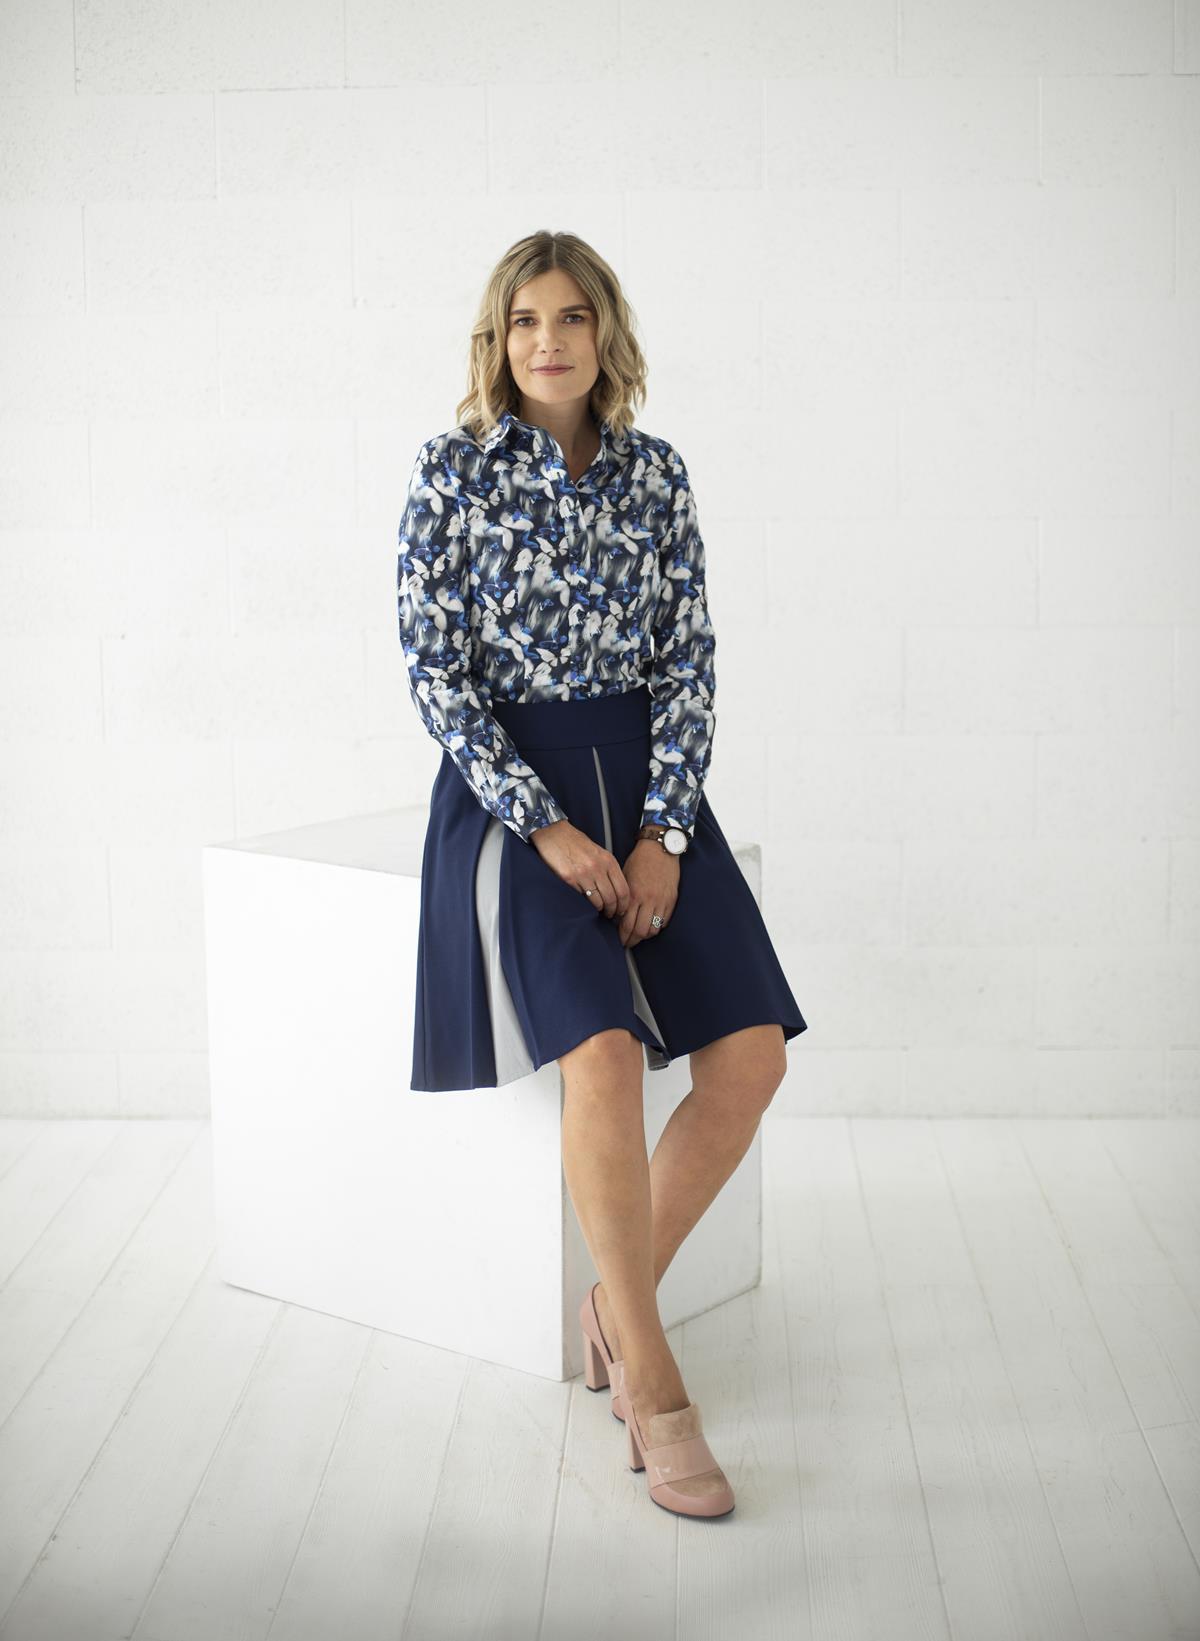 Mėlynas platėjantis sijonas - My own skirt 17 - Tauri Look